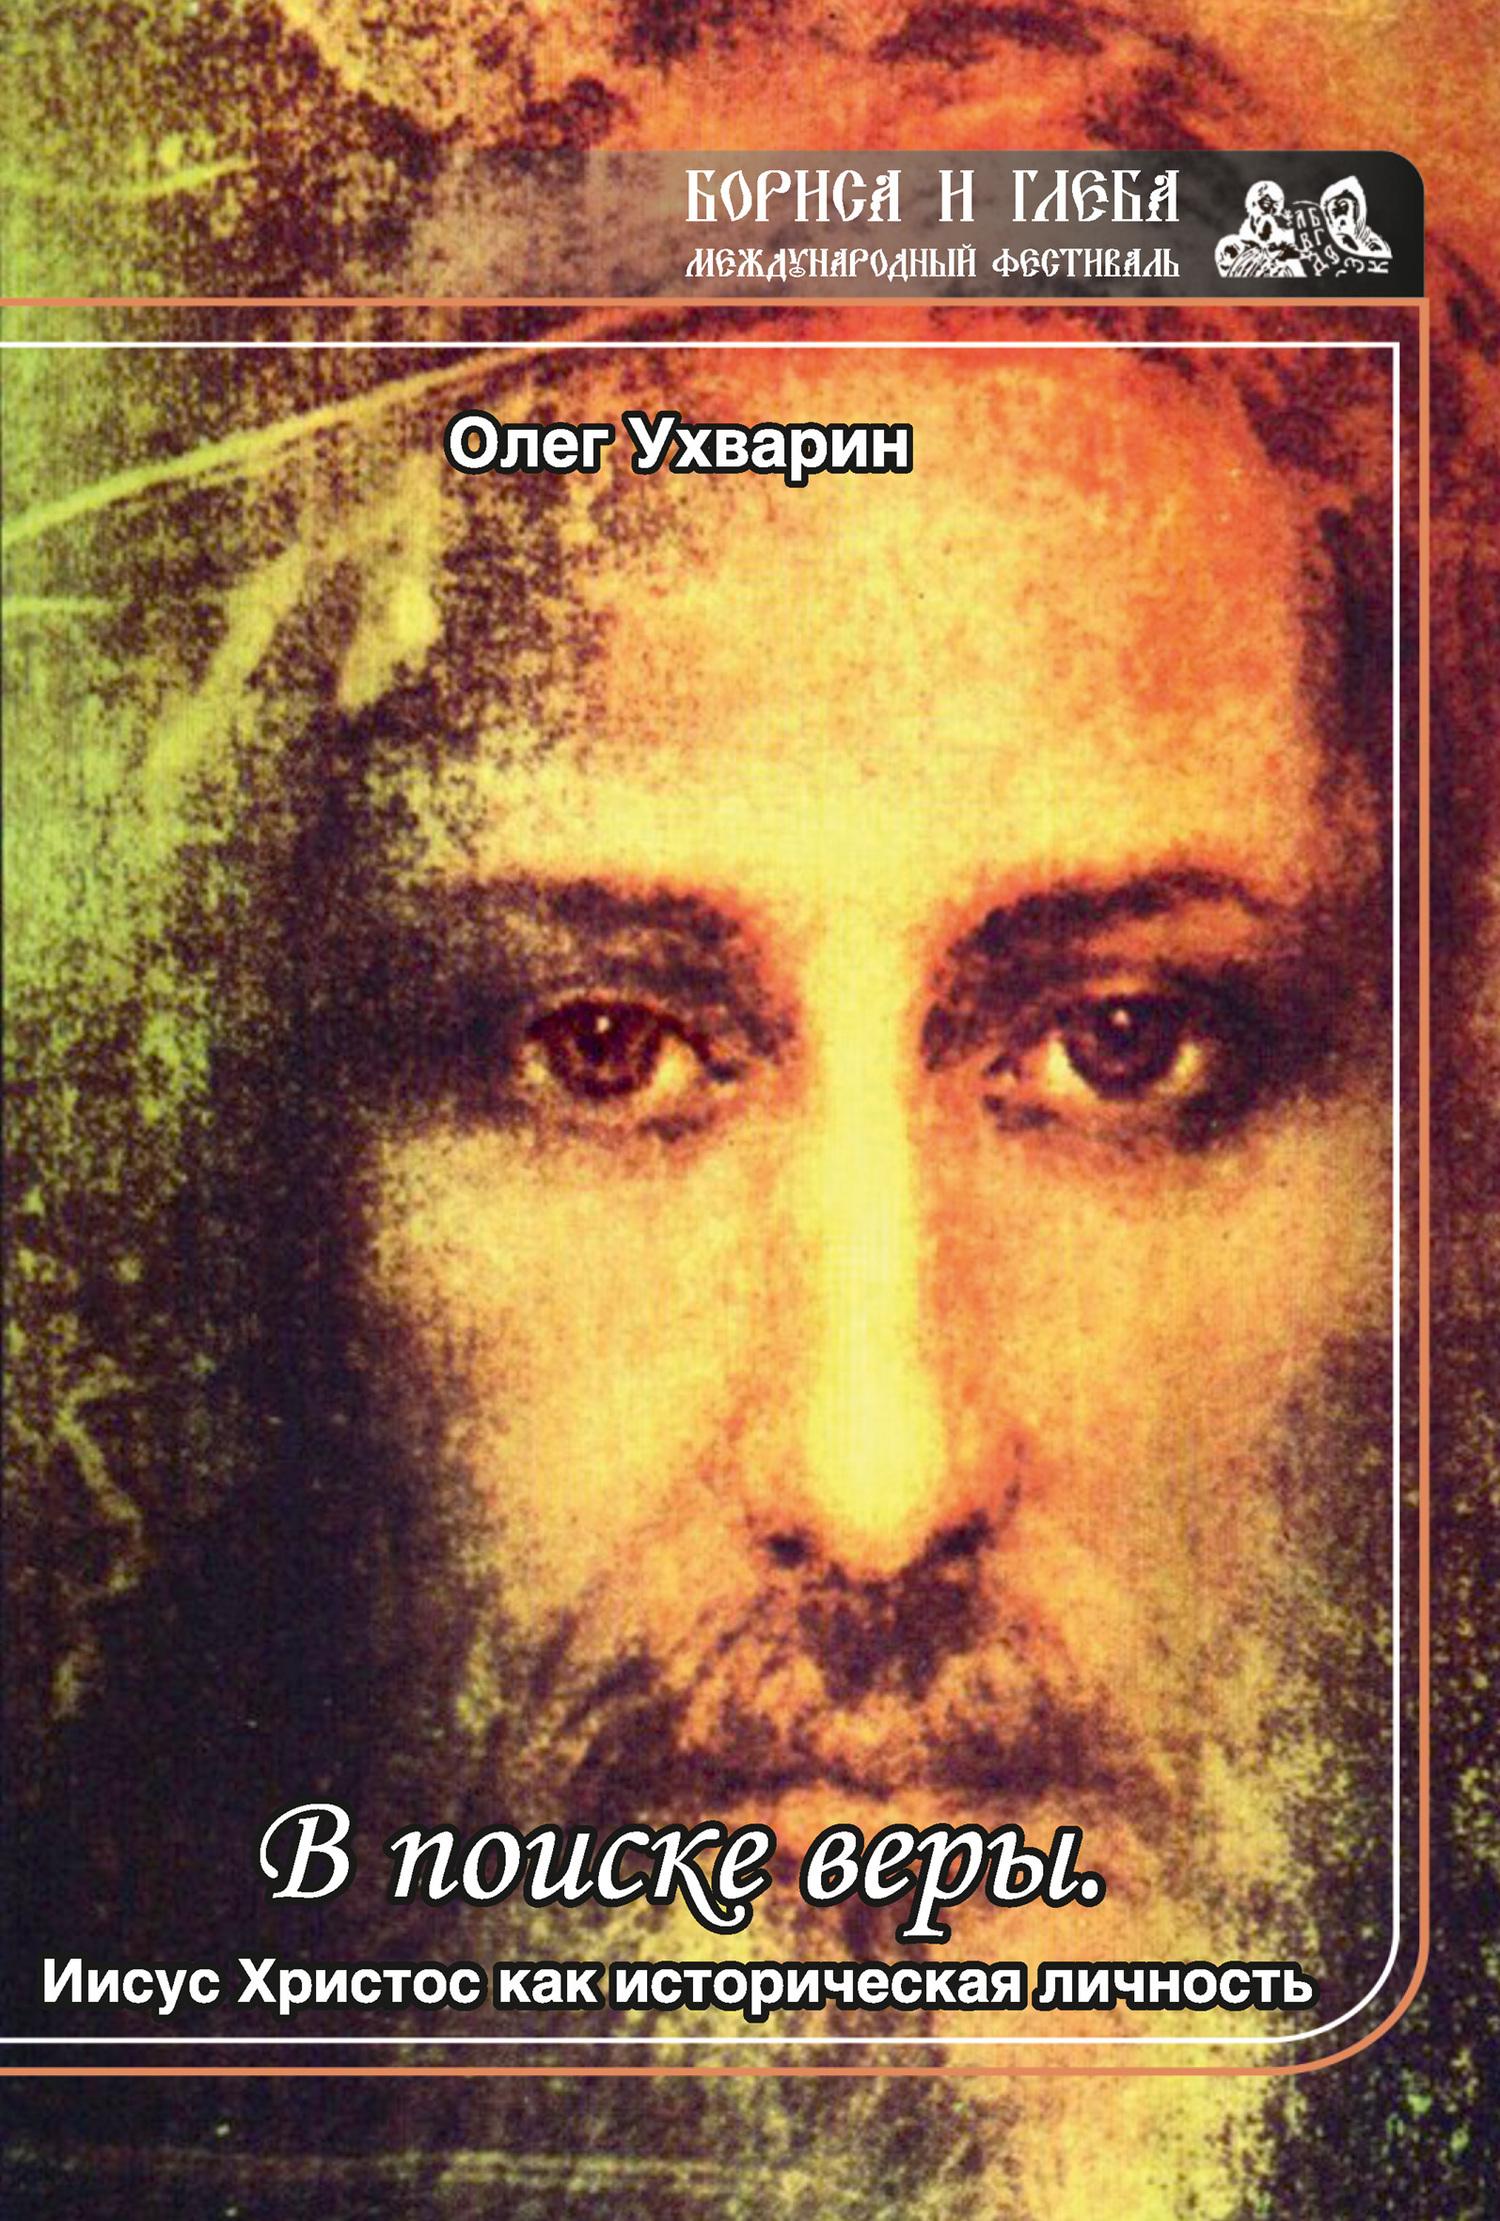 Олег Ухварин - В поиске веры. Иисус Христос как историческая личность